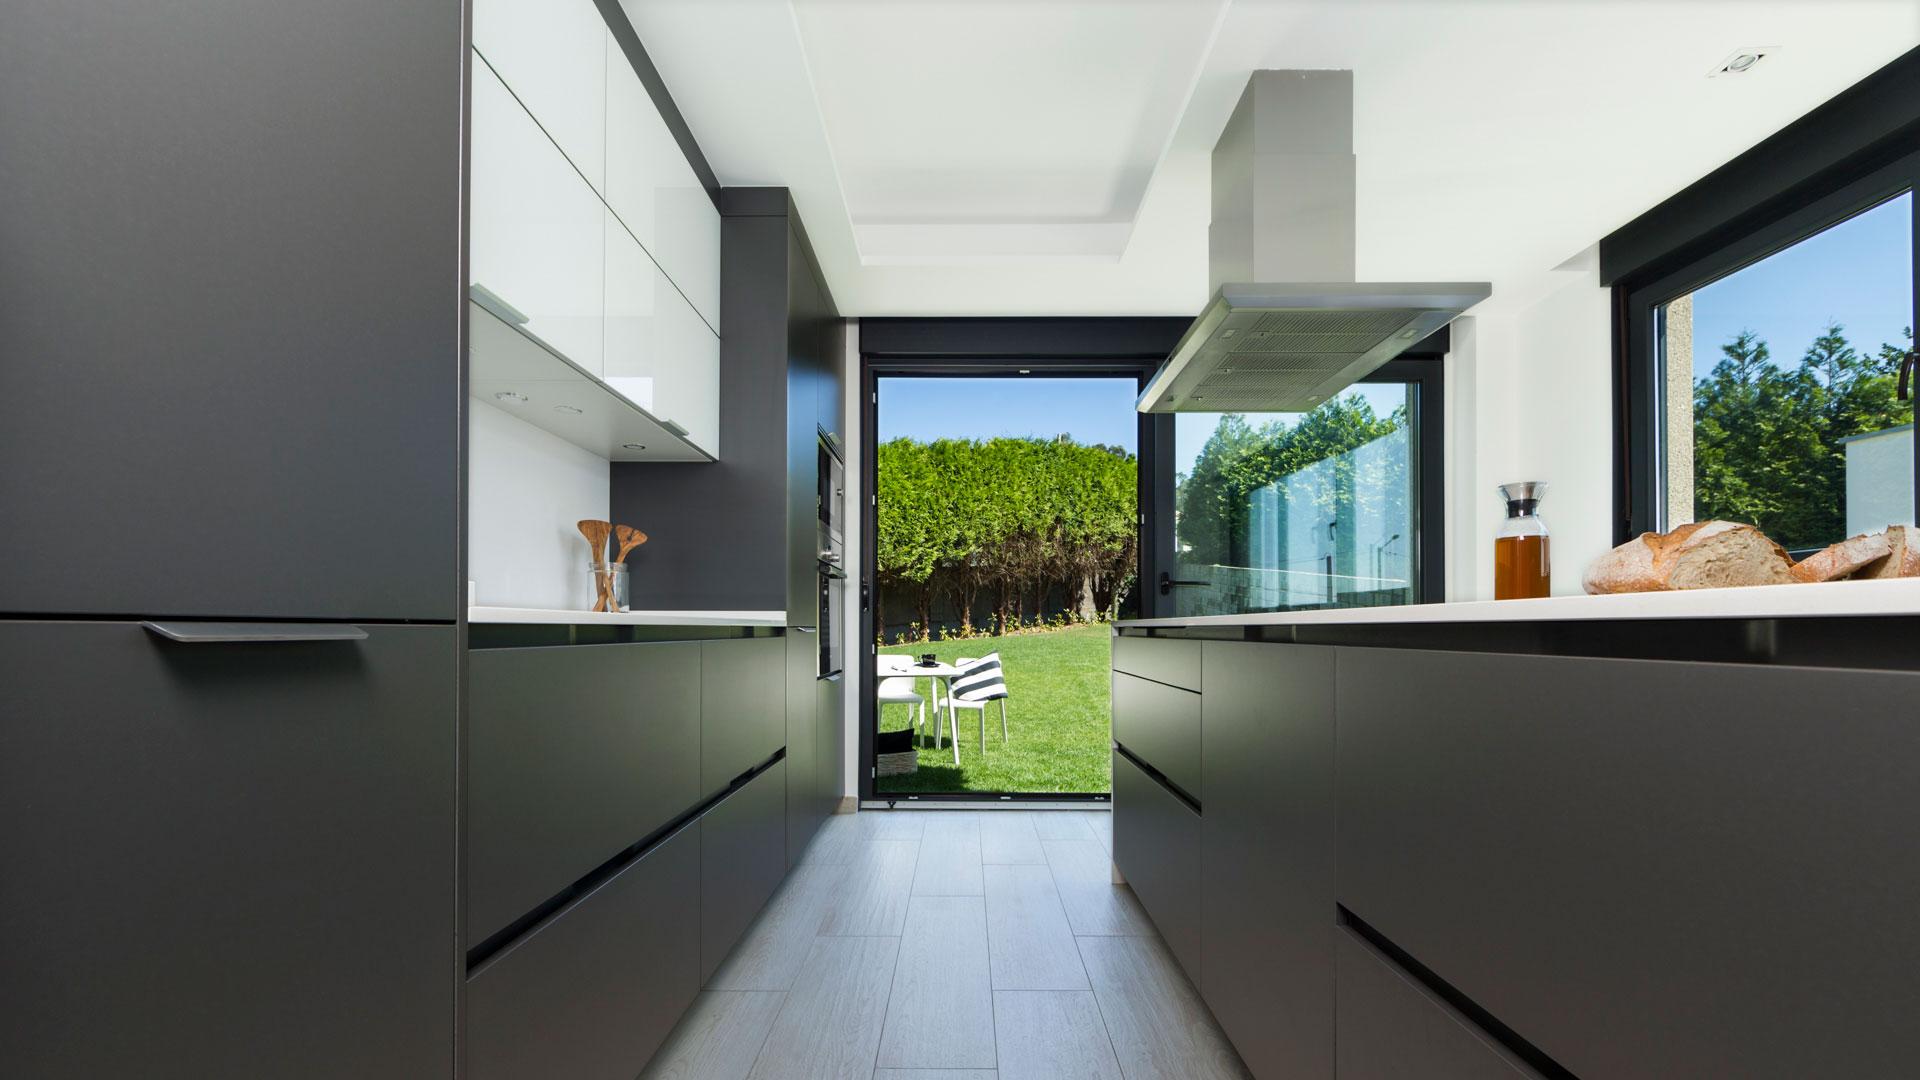 Cocinas grises con Isla y jardín